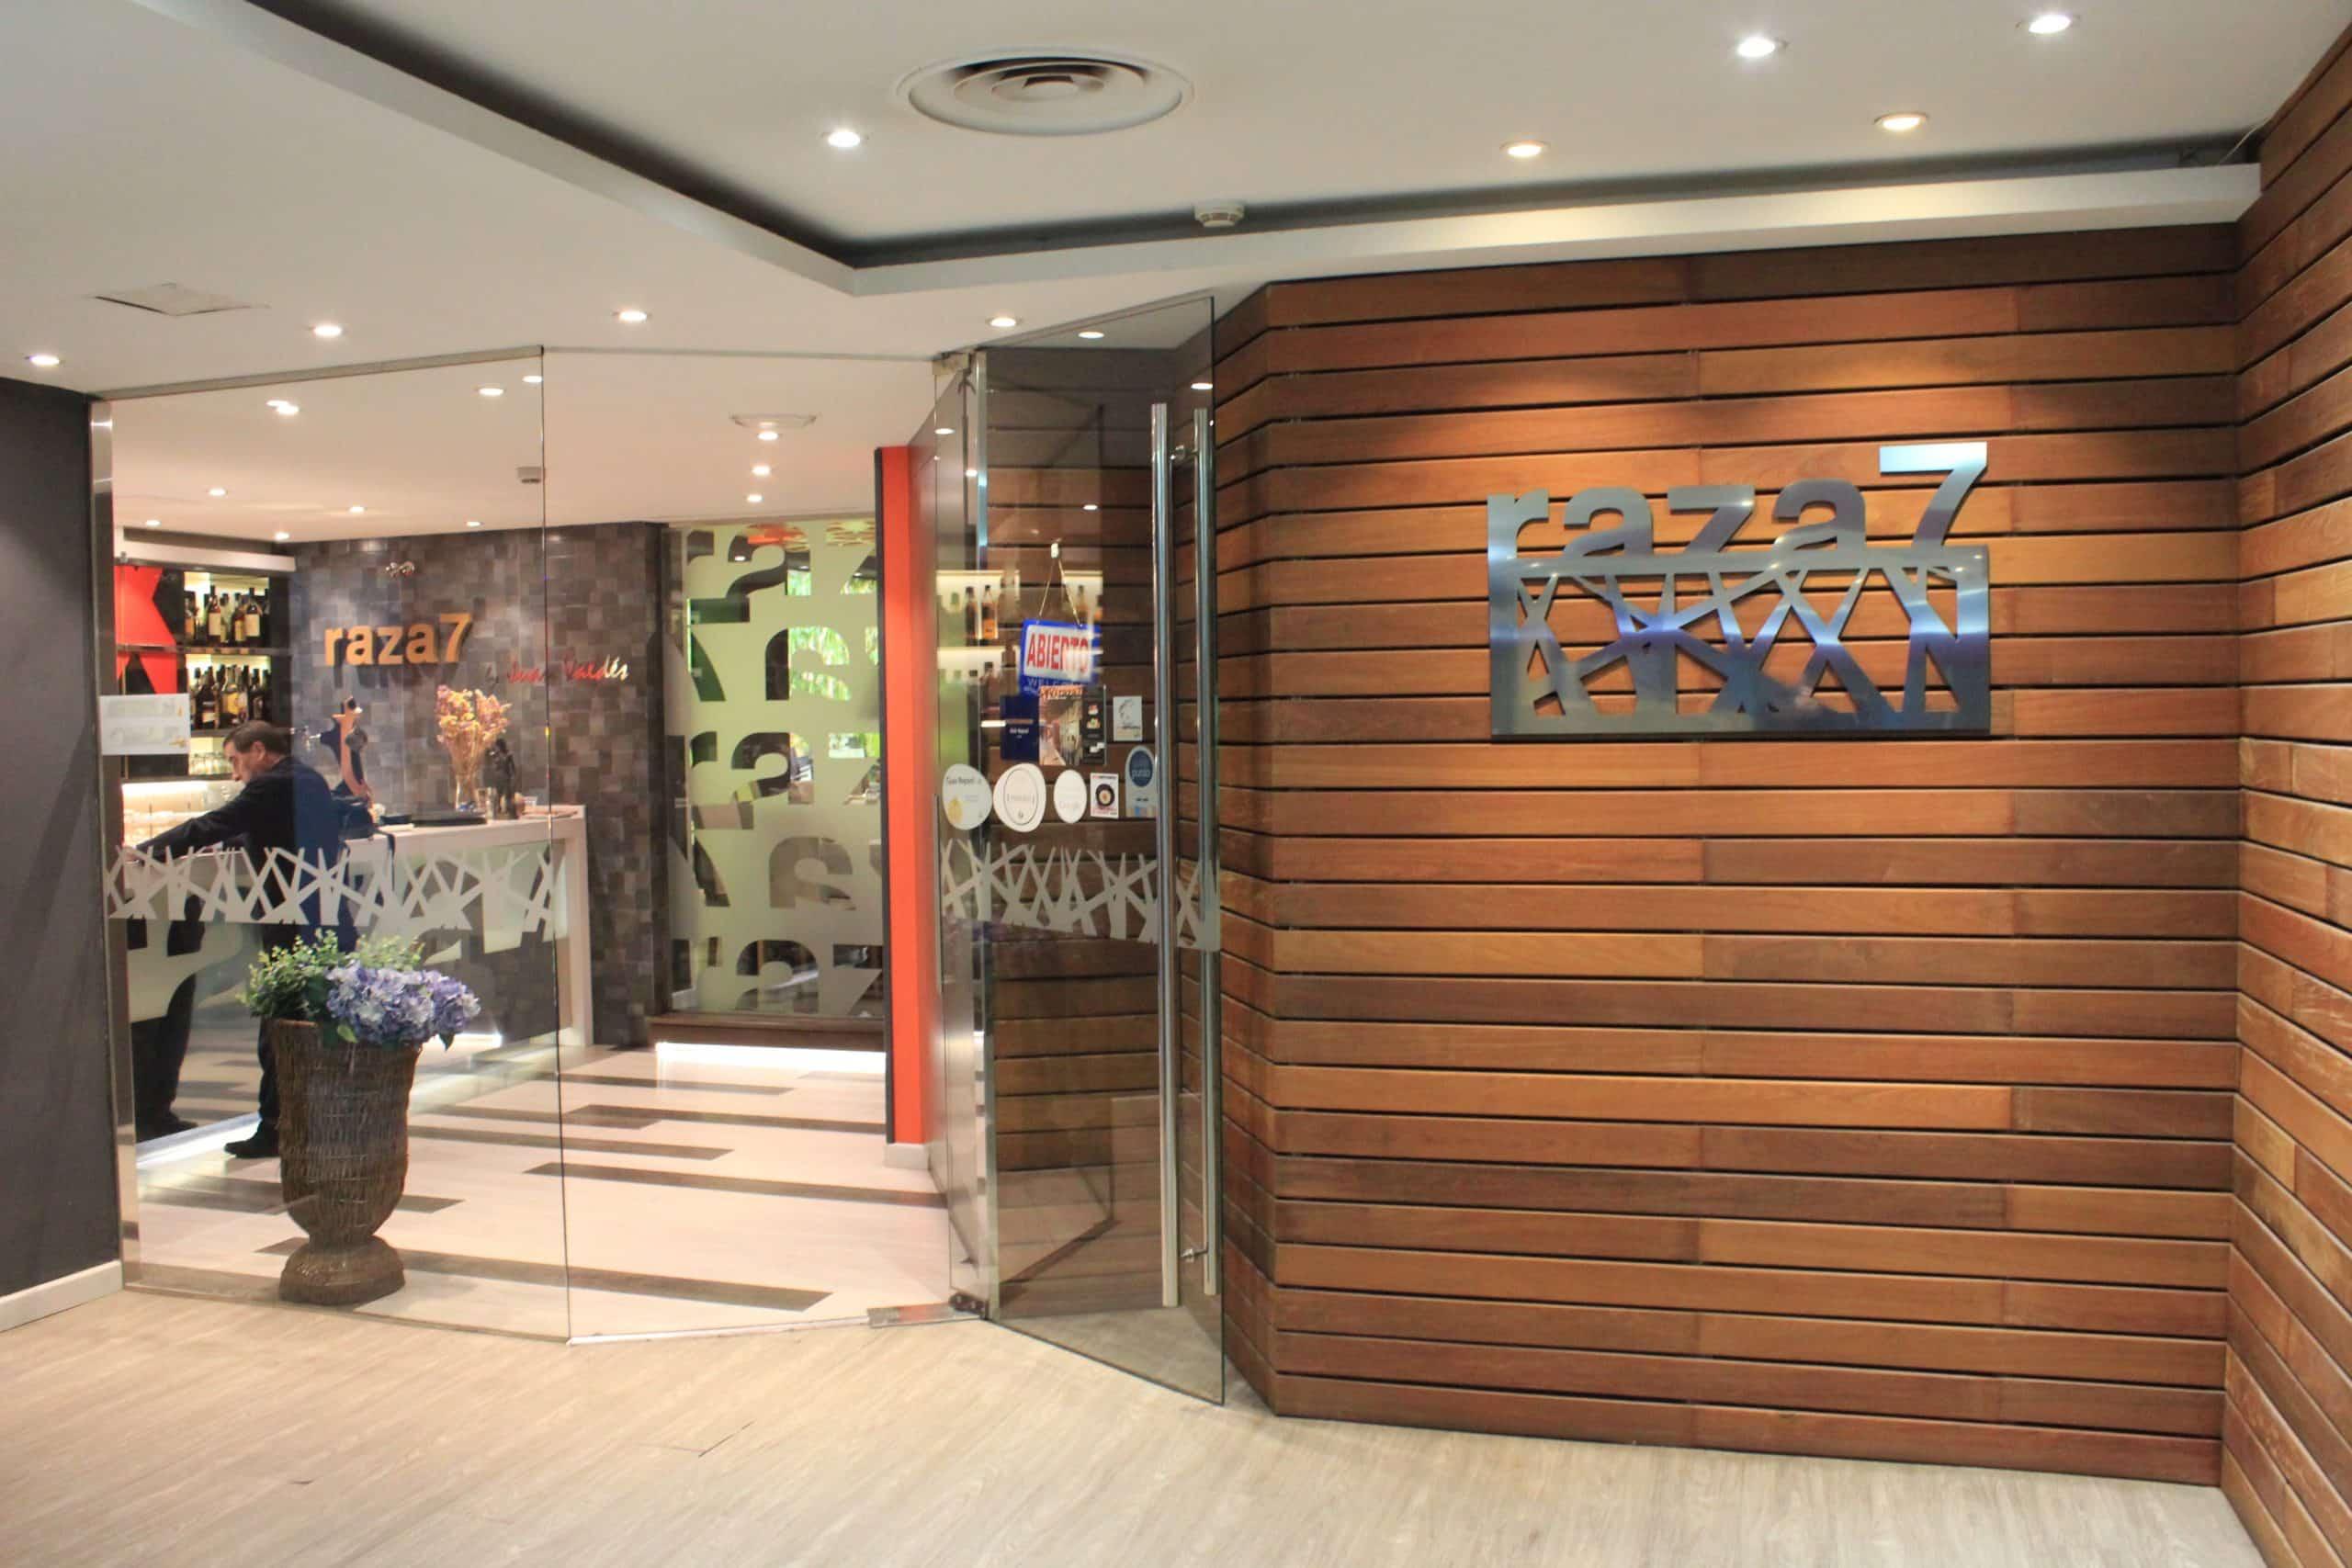 Puerta de entrada del Restaurante Raza 7 en Madrid (Barajas)